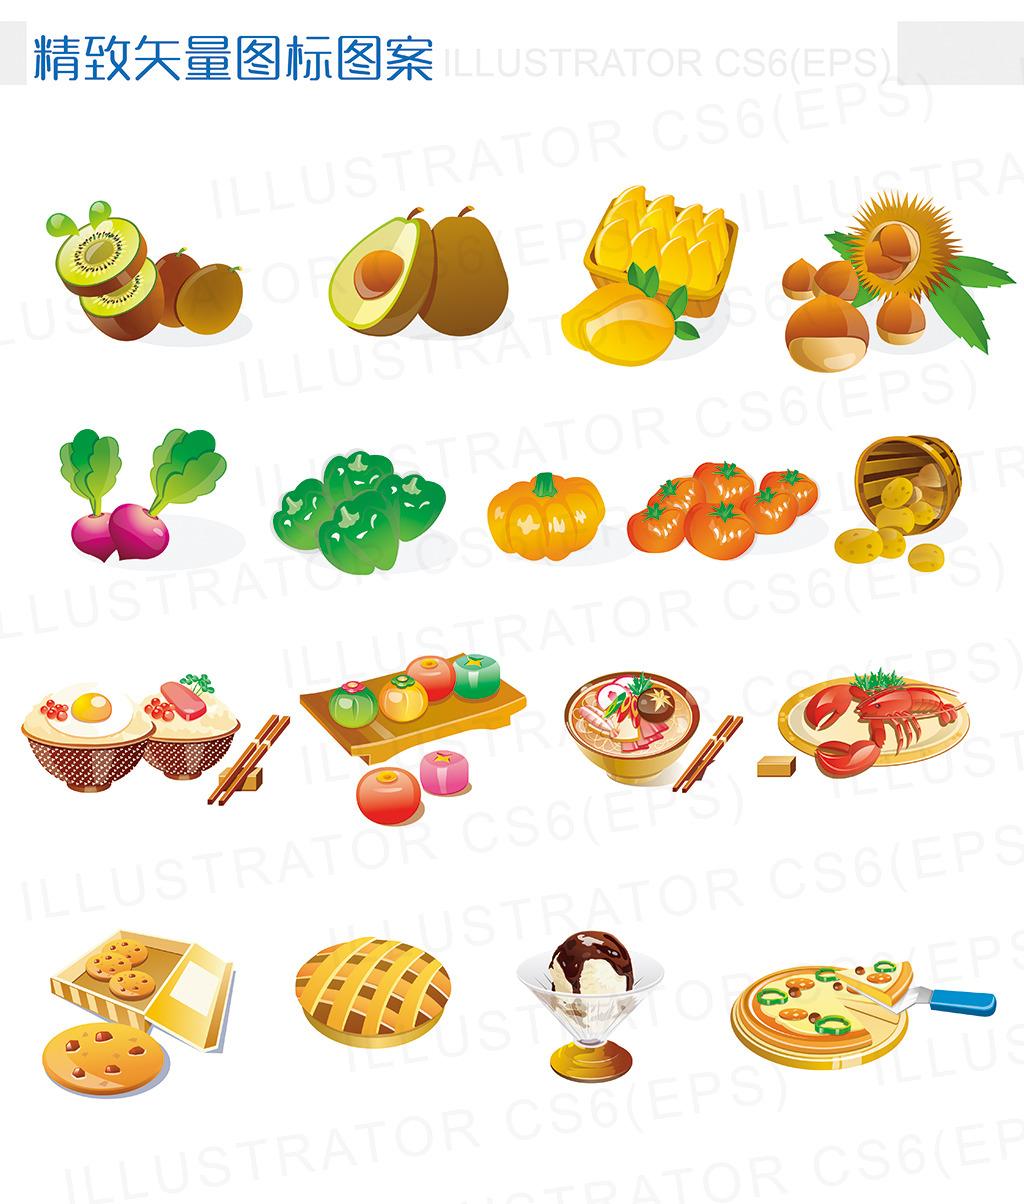 卡通蔬菜水果美食图标设计图片下载手机主题图标  餐饮图标  爱心图标